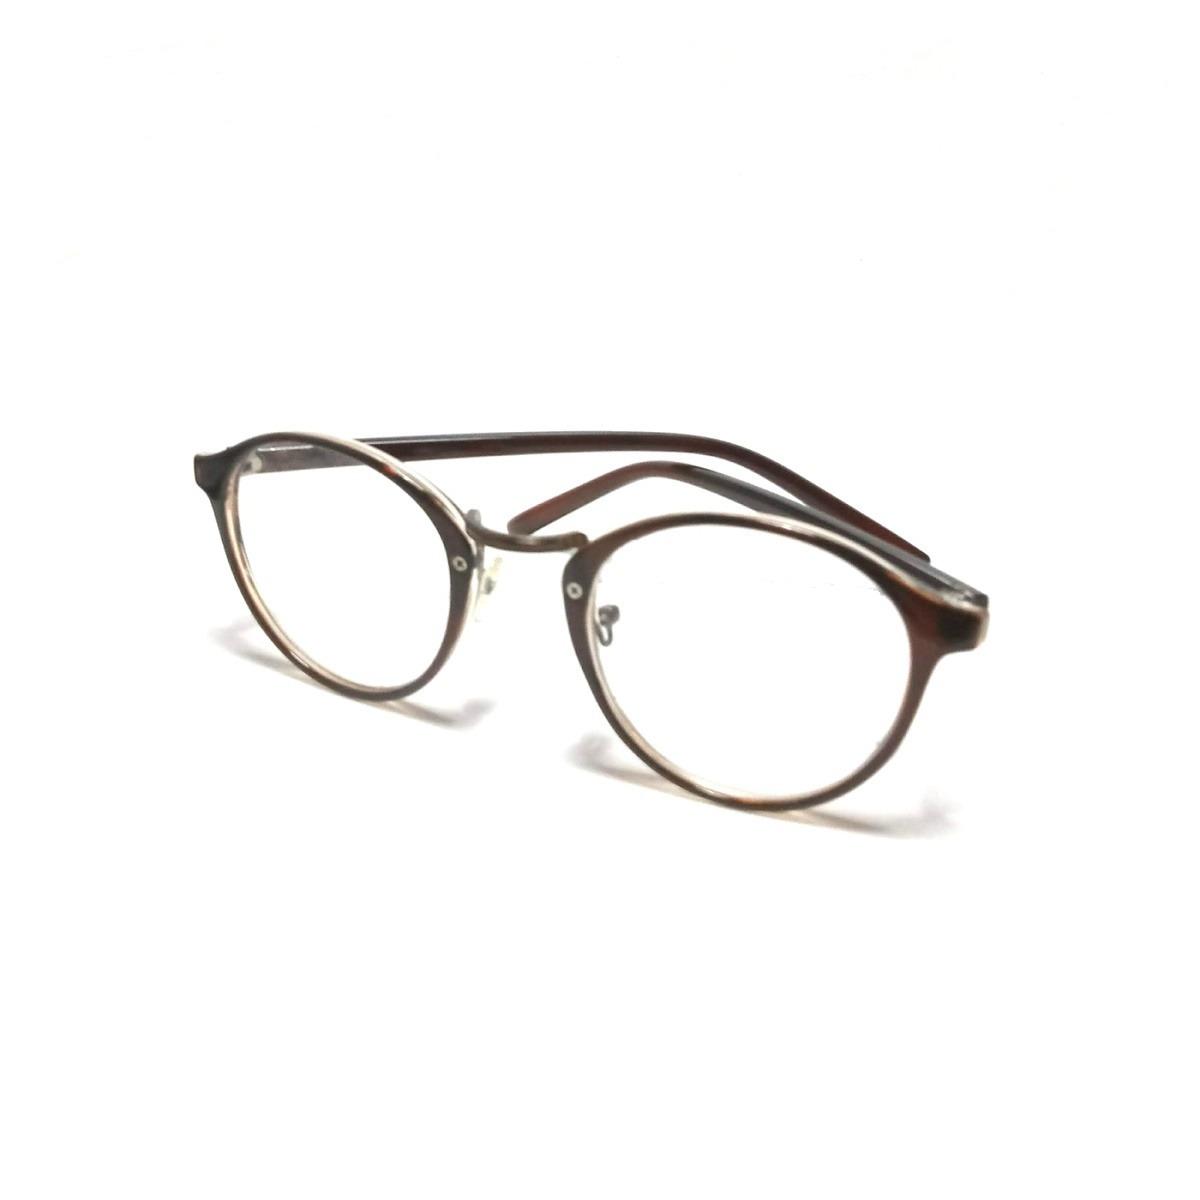 ddfe0aec02230 armação óculos grau geek retrô redondo masculino feminino. Carregando zoom.